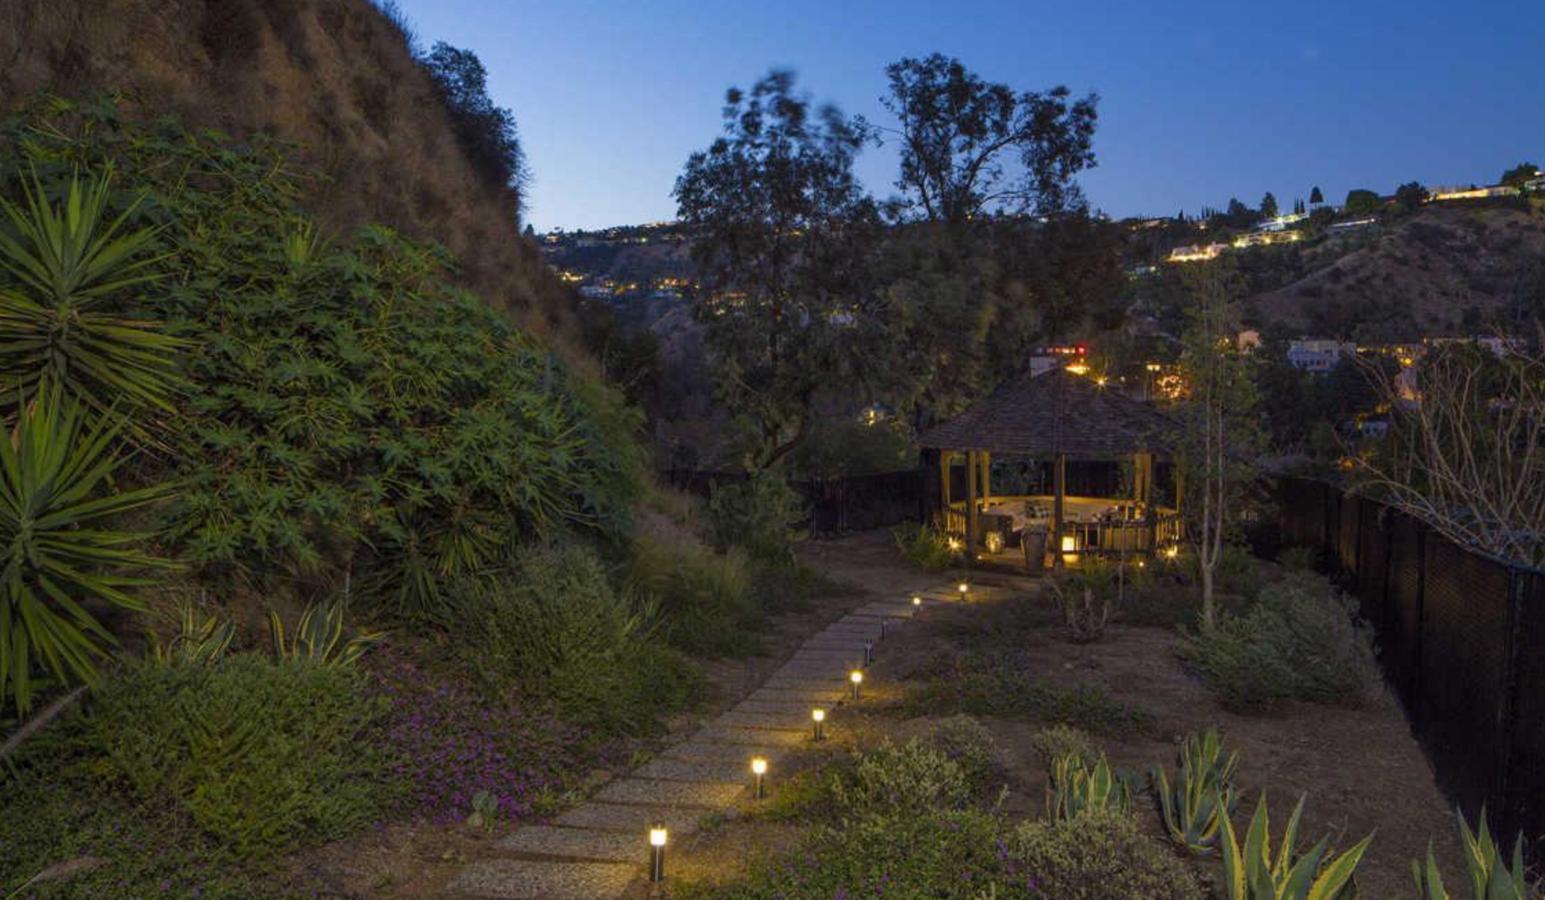 cabaña del jardin de la casa de Demi Lovato en Los Angeles. Un chill out al aire libre